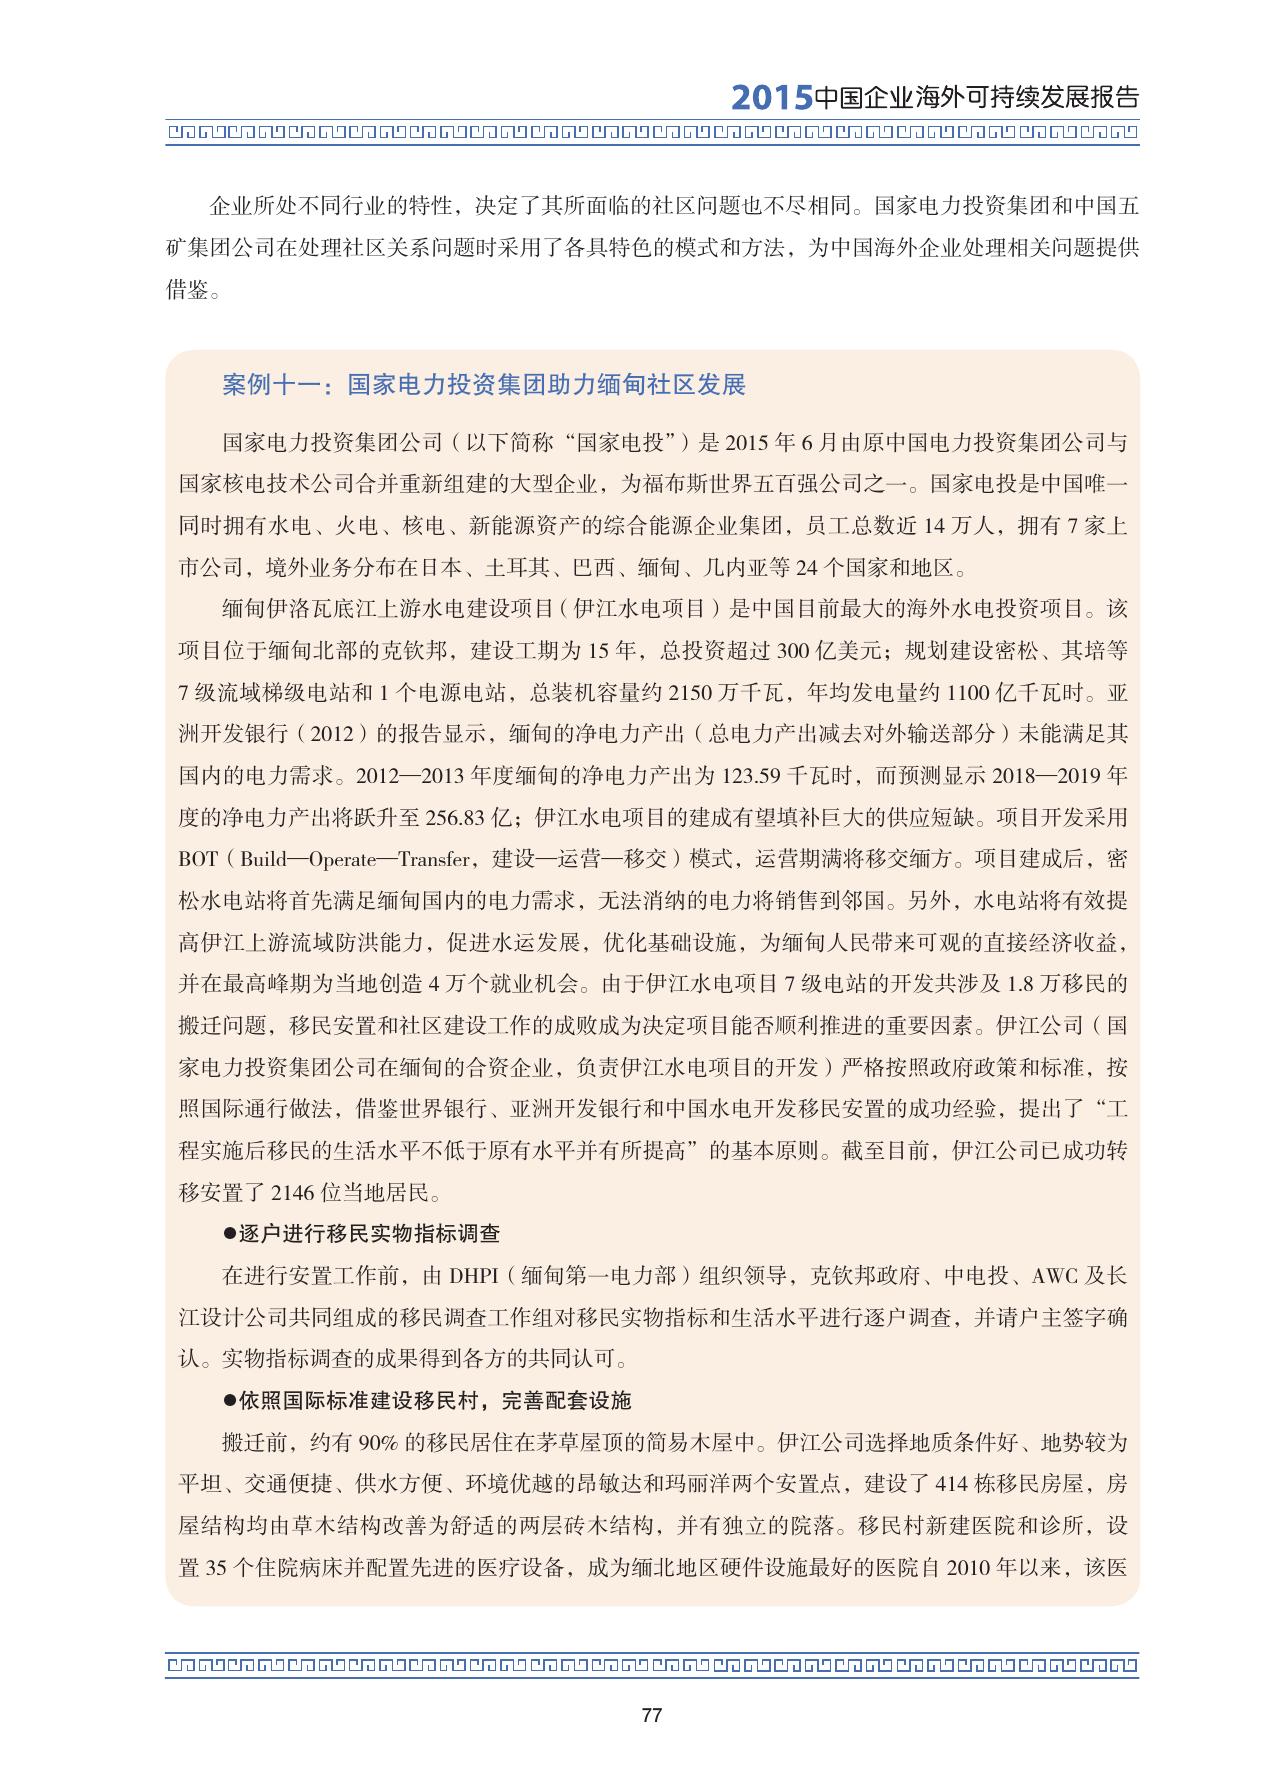 2015中国企业海外可持续发展报告_000091